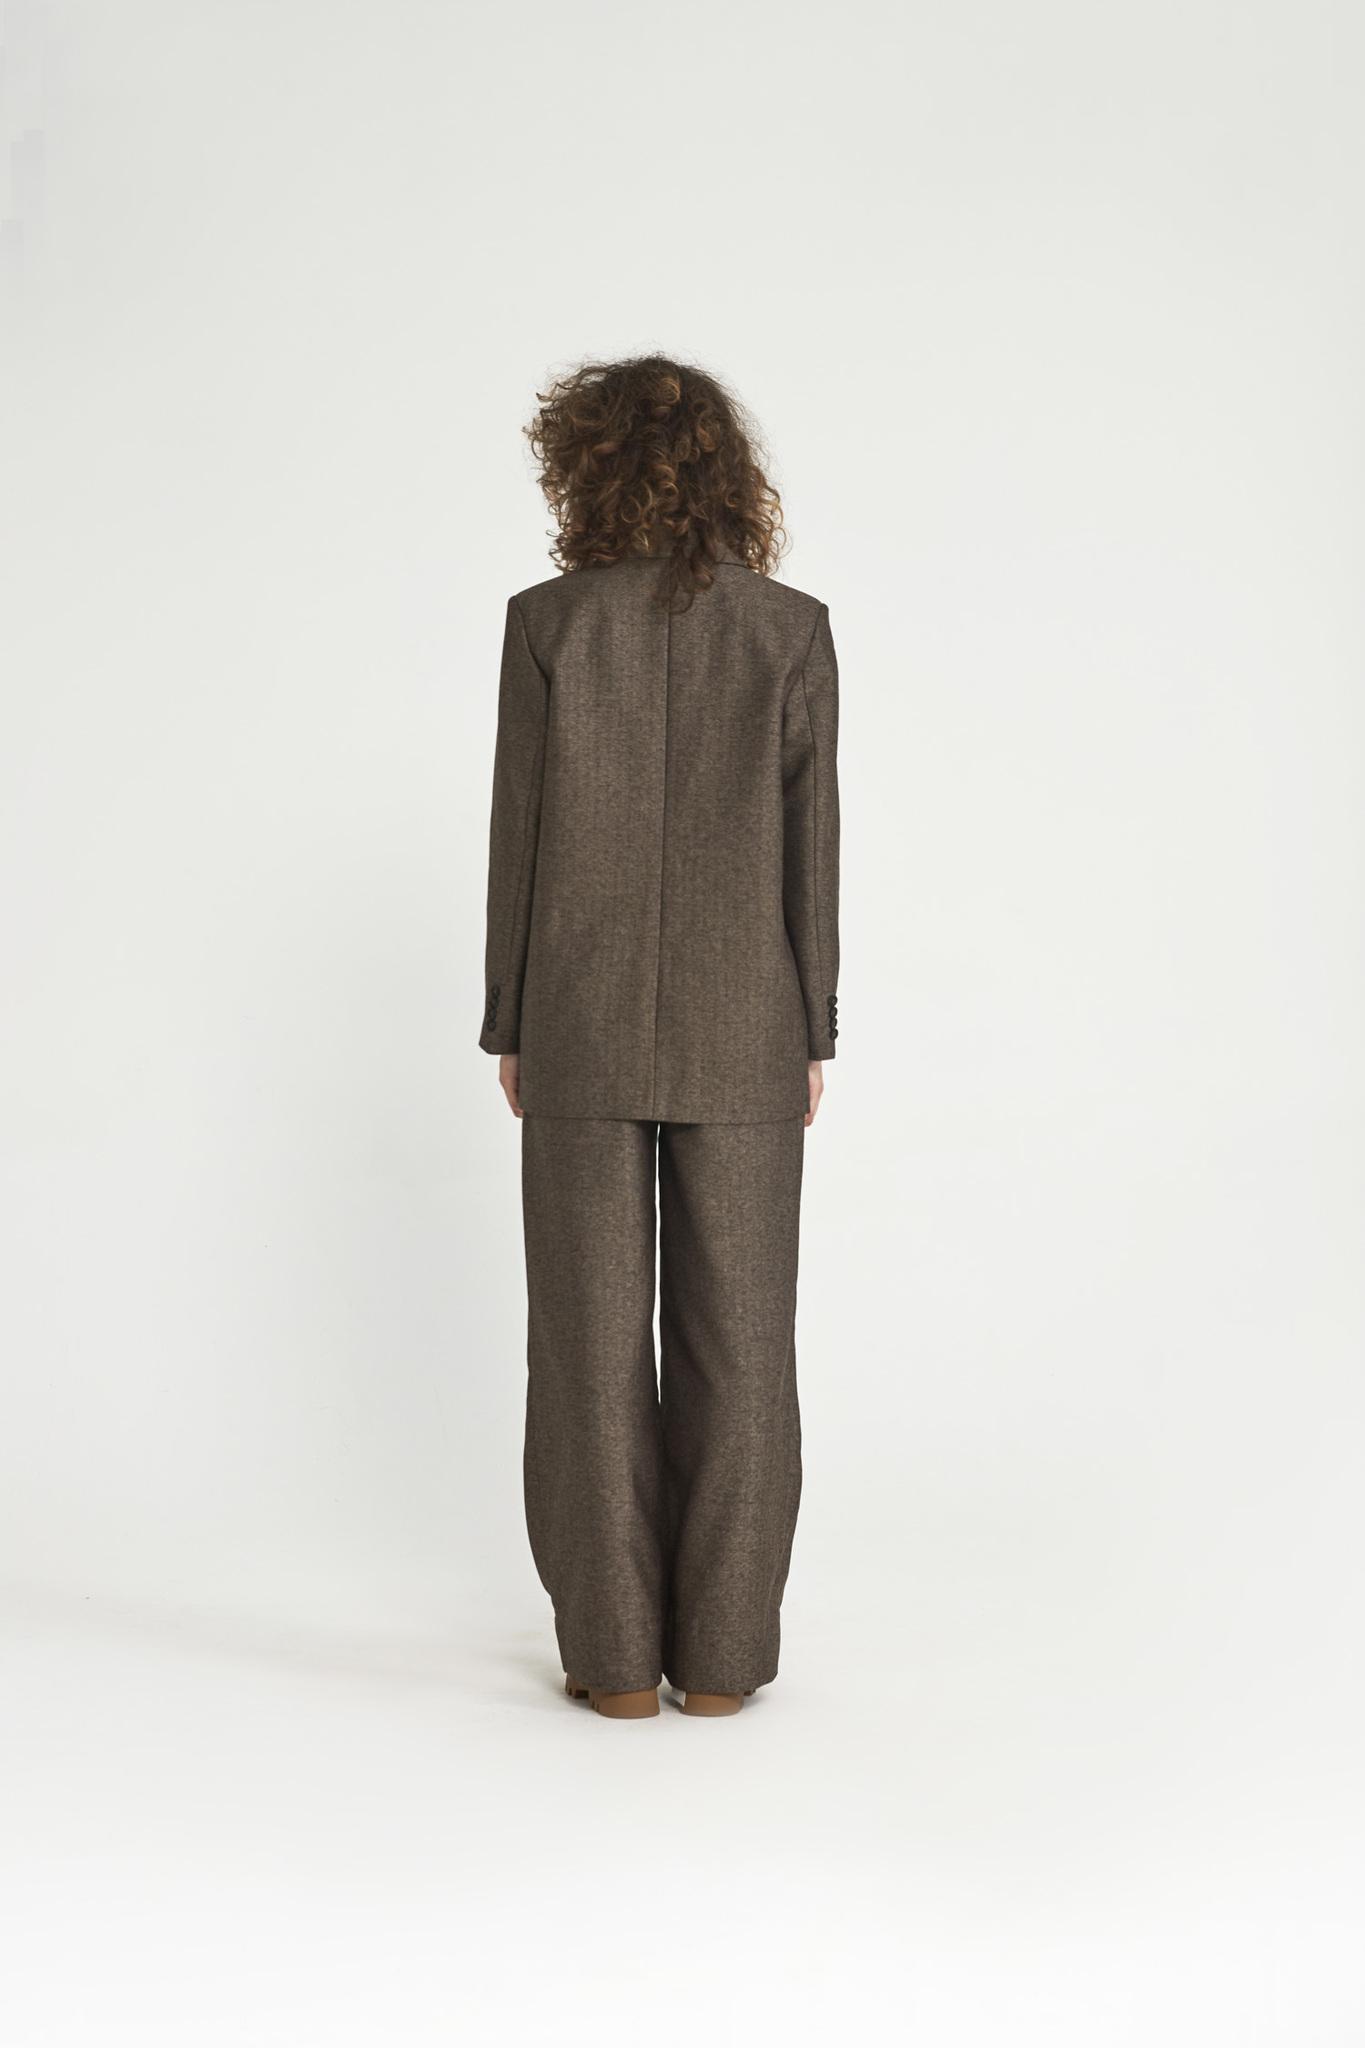 Жакет с большим плечом (костюмный твил), елочка кофе